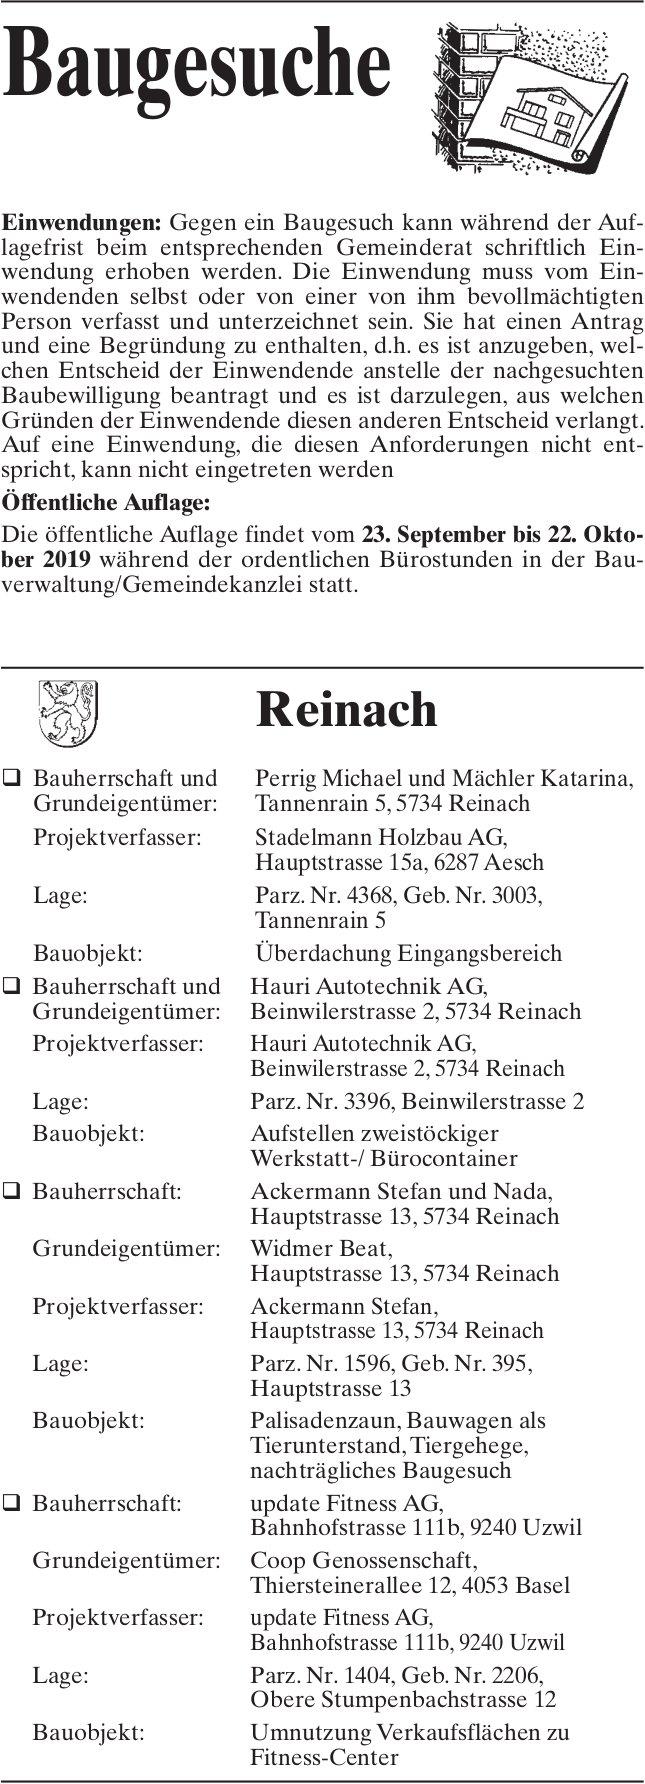 Baugesuche Reinach